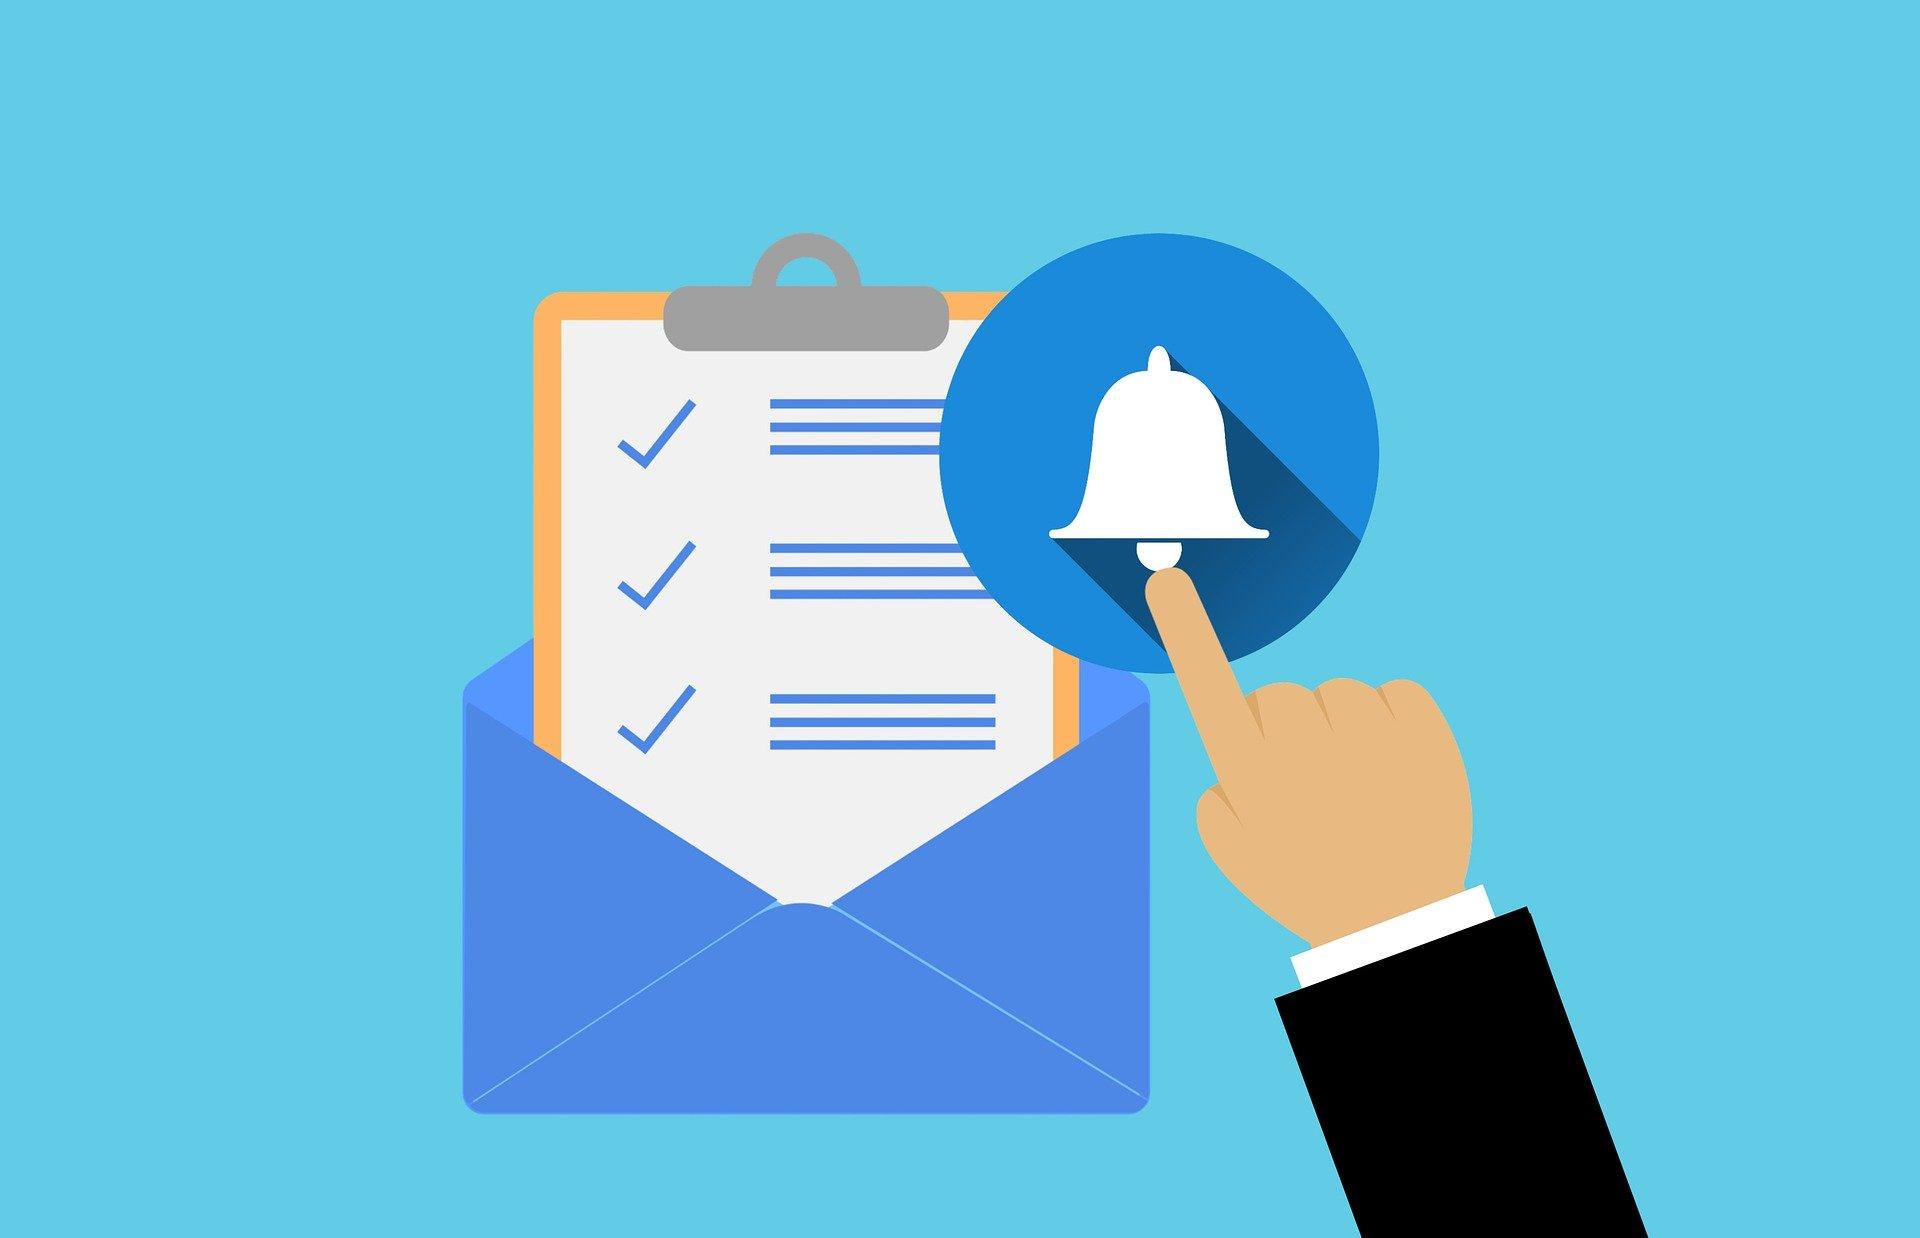 Новий лист Уповноваженого органу відповідно до внесених змін до порядку закупівель у зв'язку із COVID-19